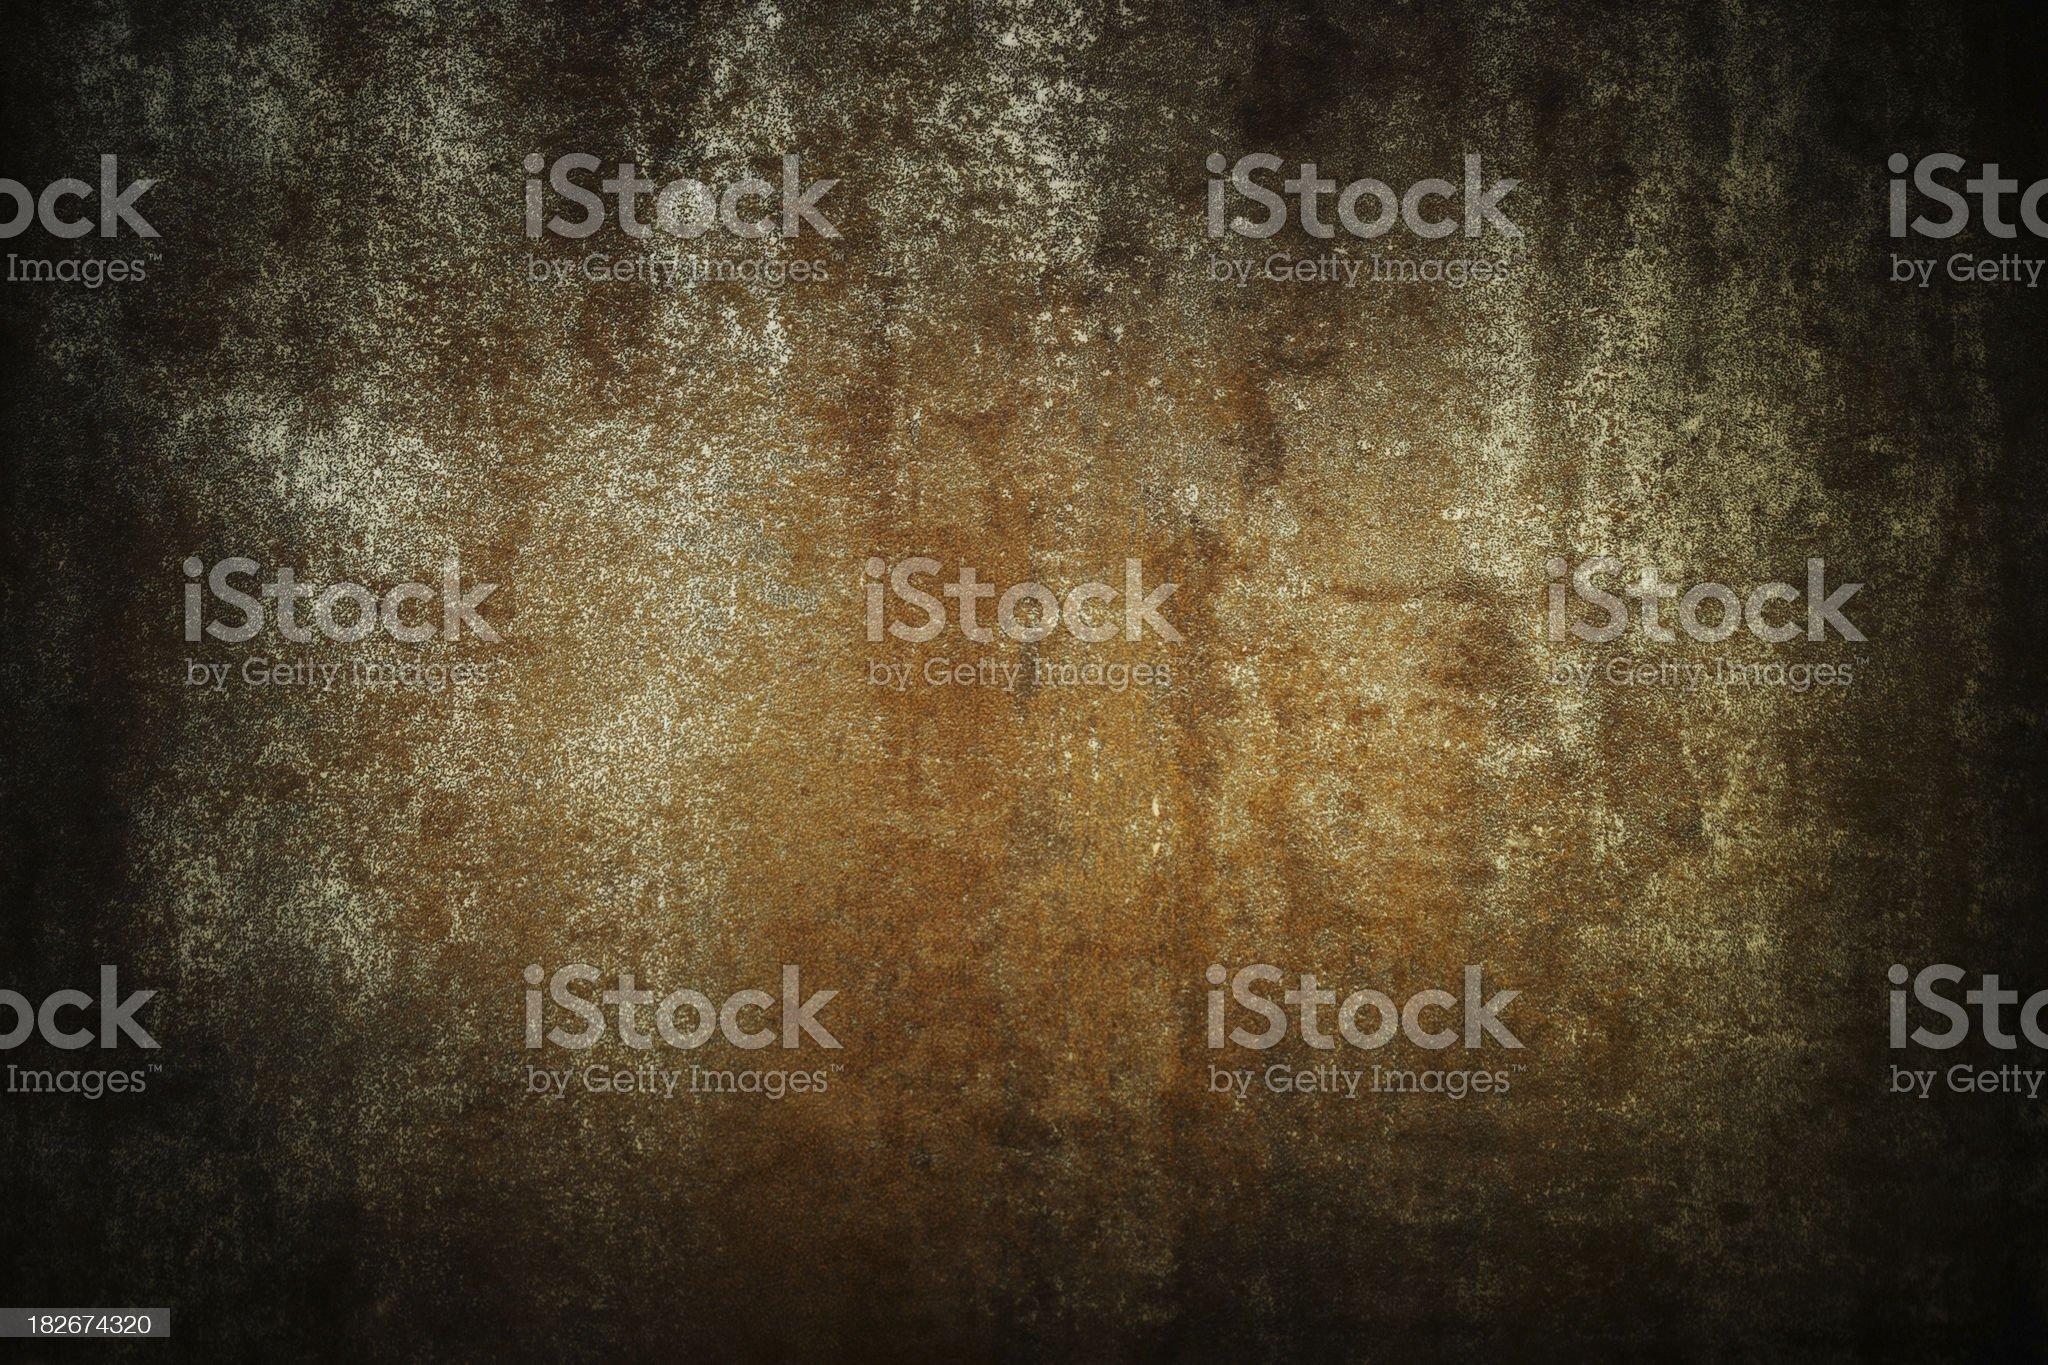 Grunge distressed metal royalty-free stock photo